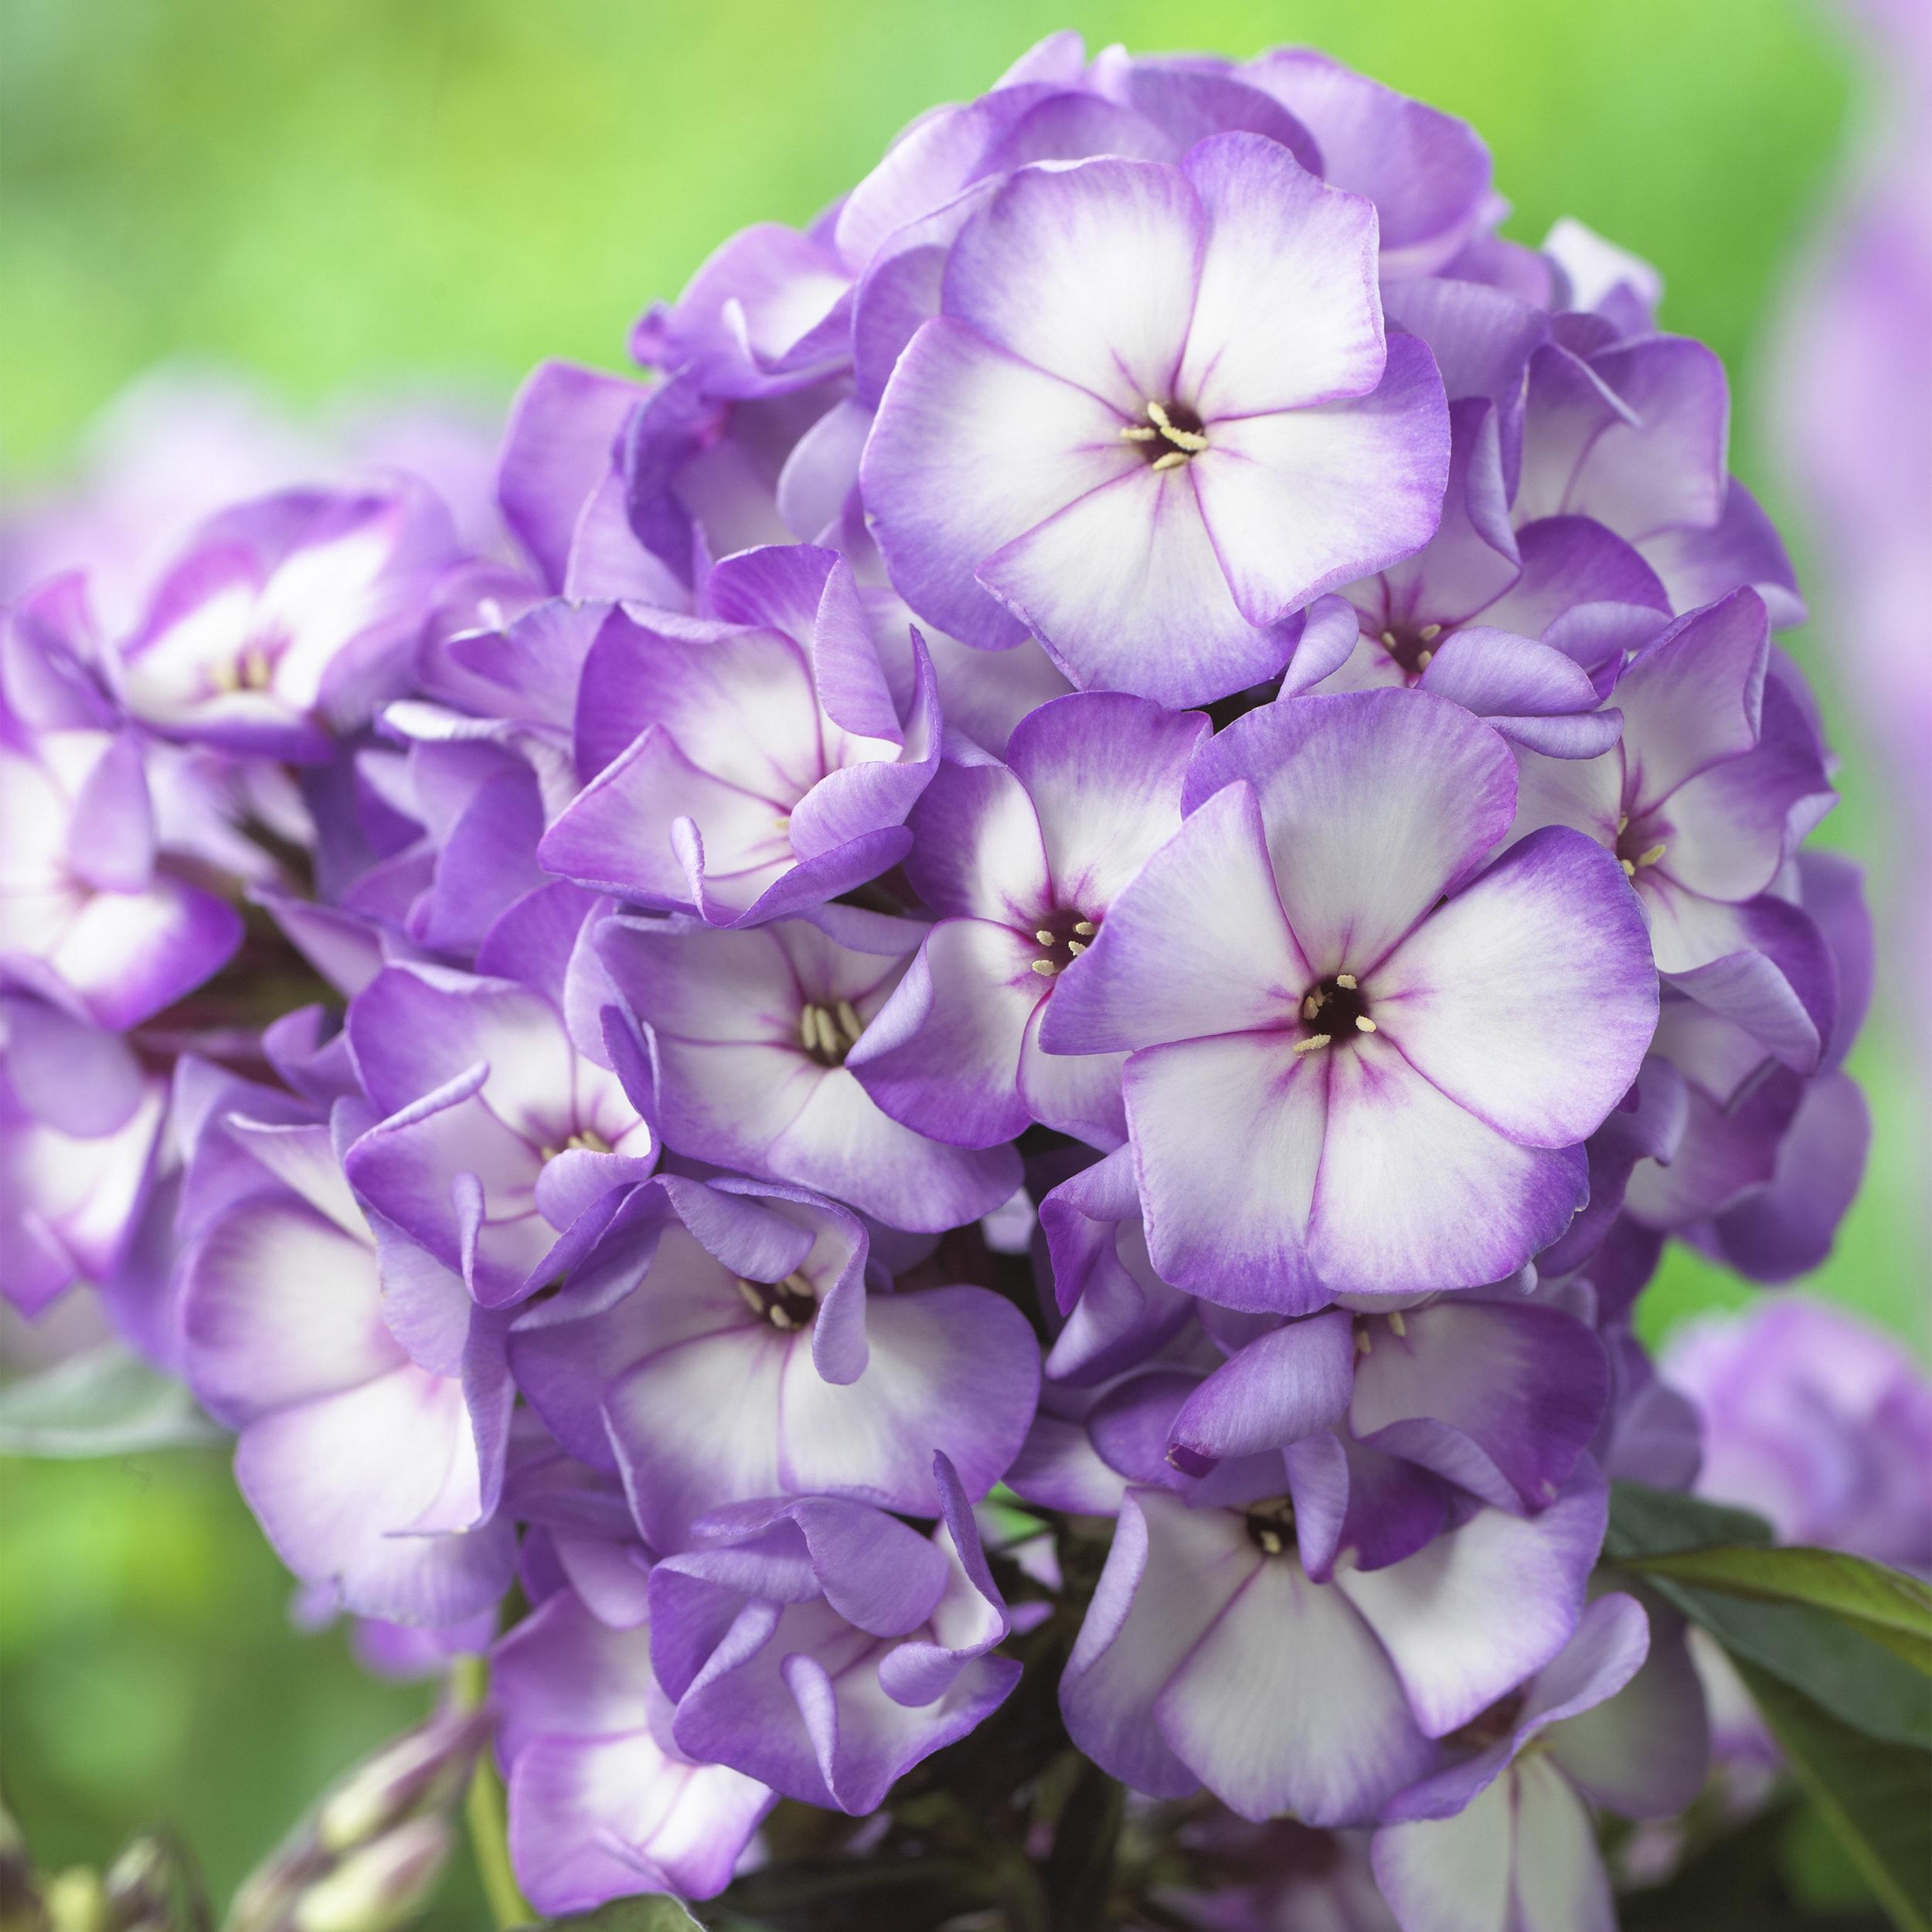 HR_Vegetative_Phlox_Sweet_Summer_Sweet_Summer_Fantasy__Purple_Bicolor_70028302.jpg